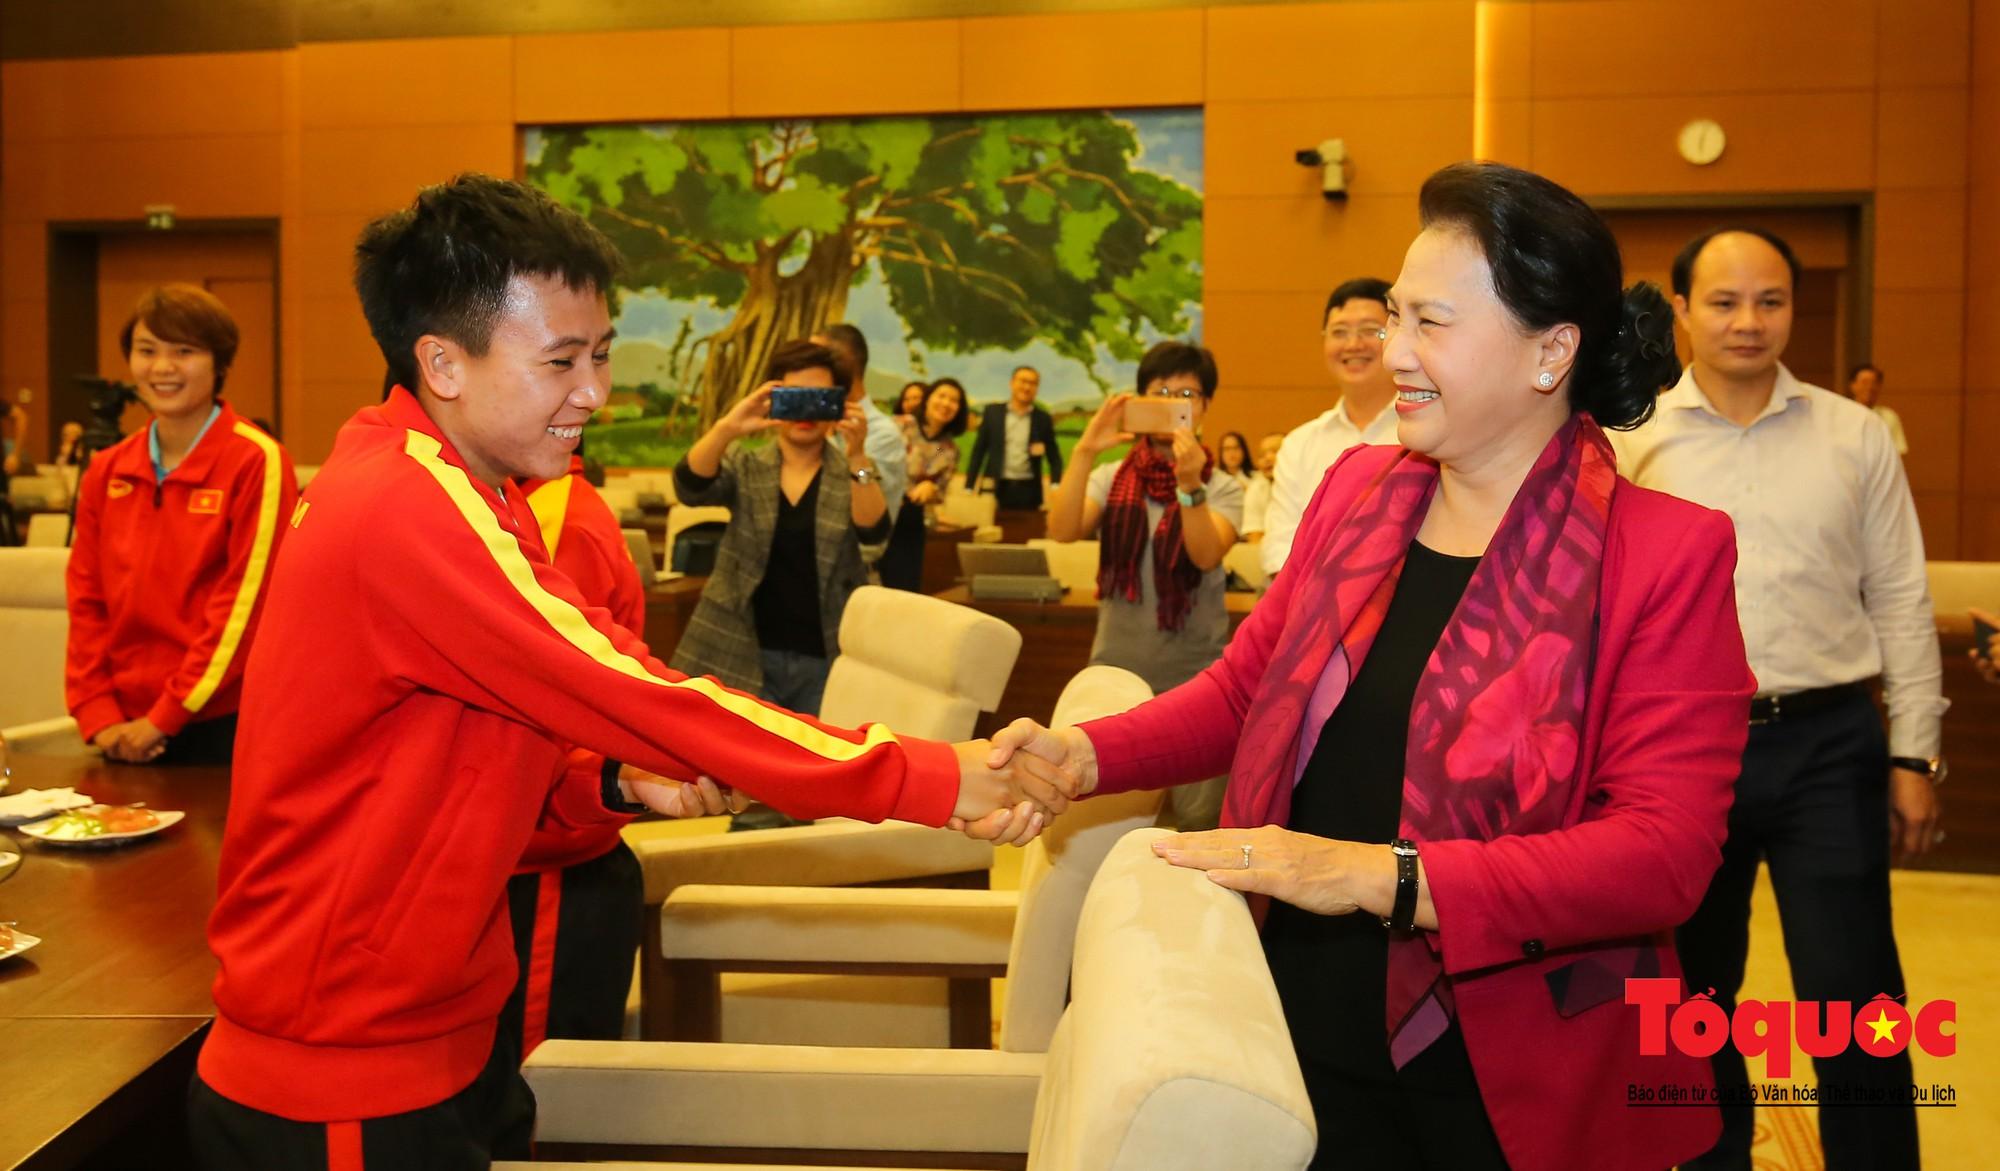 Chủ tịch Quốc hội Nguyễn Thị Kim Ngân: Bóng đá nam nhìn thành tích bóng đá nữ còn phải mơ ước dài3